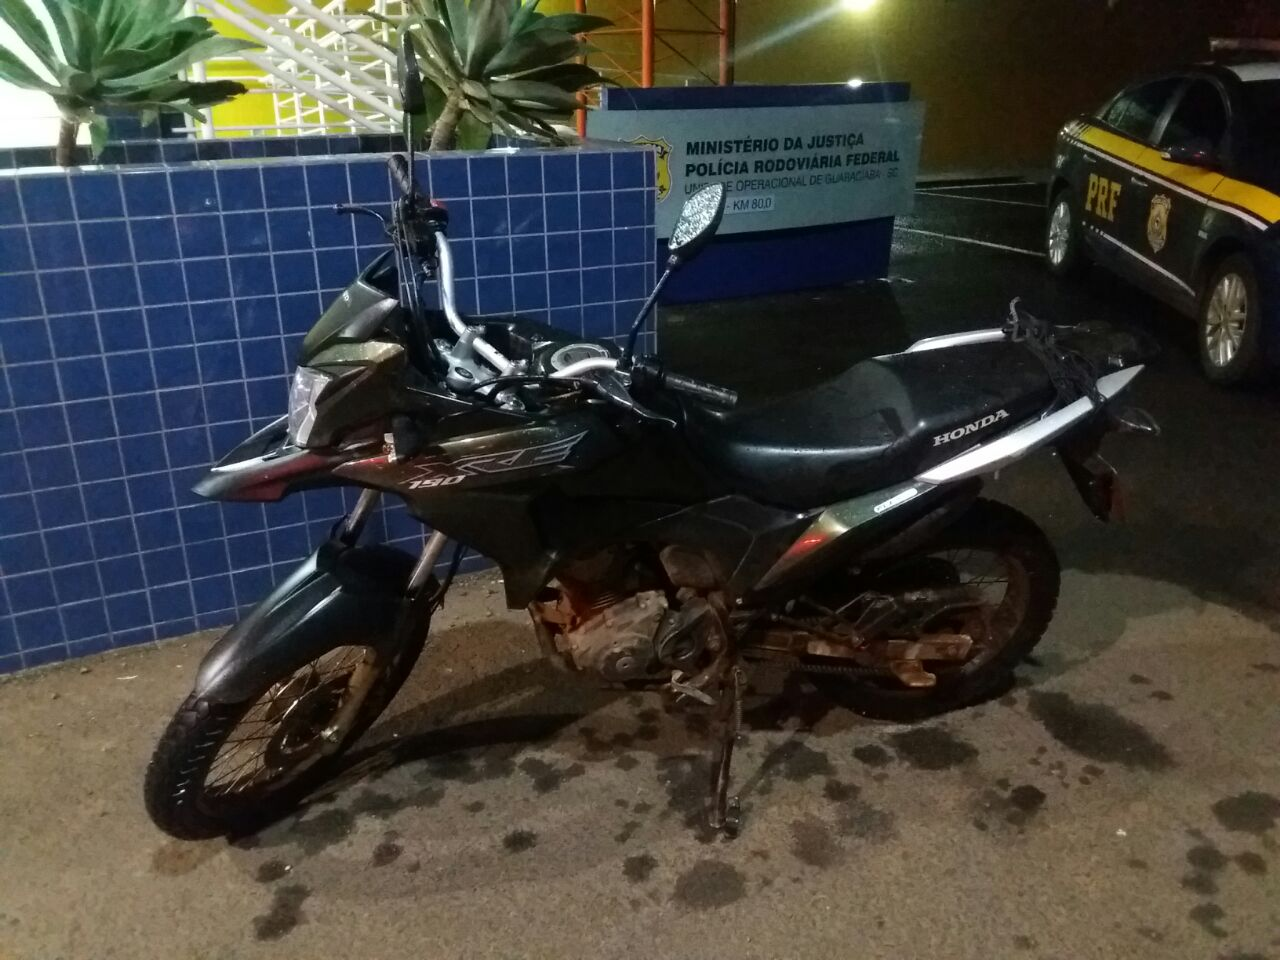 Colisão entre carro e moto deixa duas pessoas feridas na BR 163 em Guaraciaba